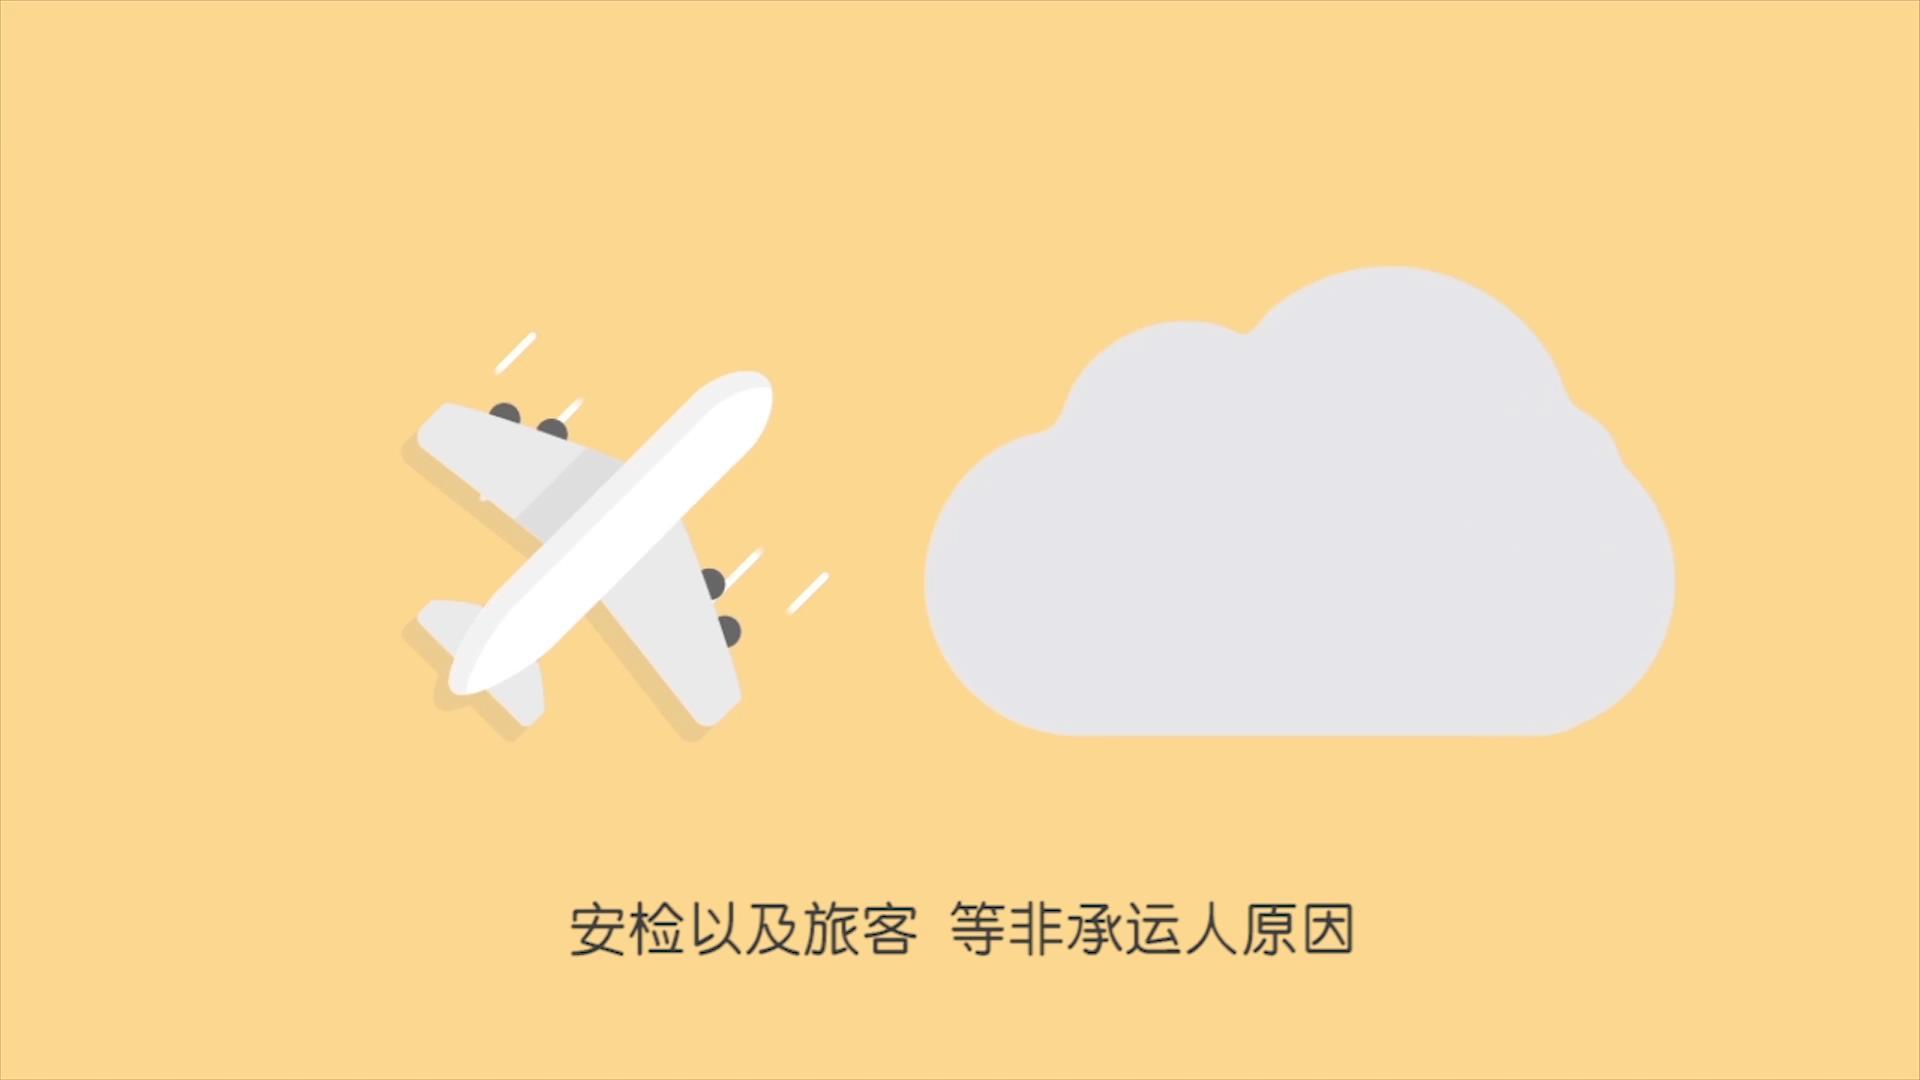 【動新聞】2017年坐飛機有了新規定 你造麼?